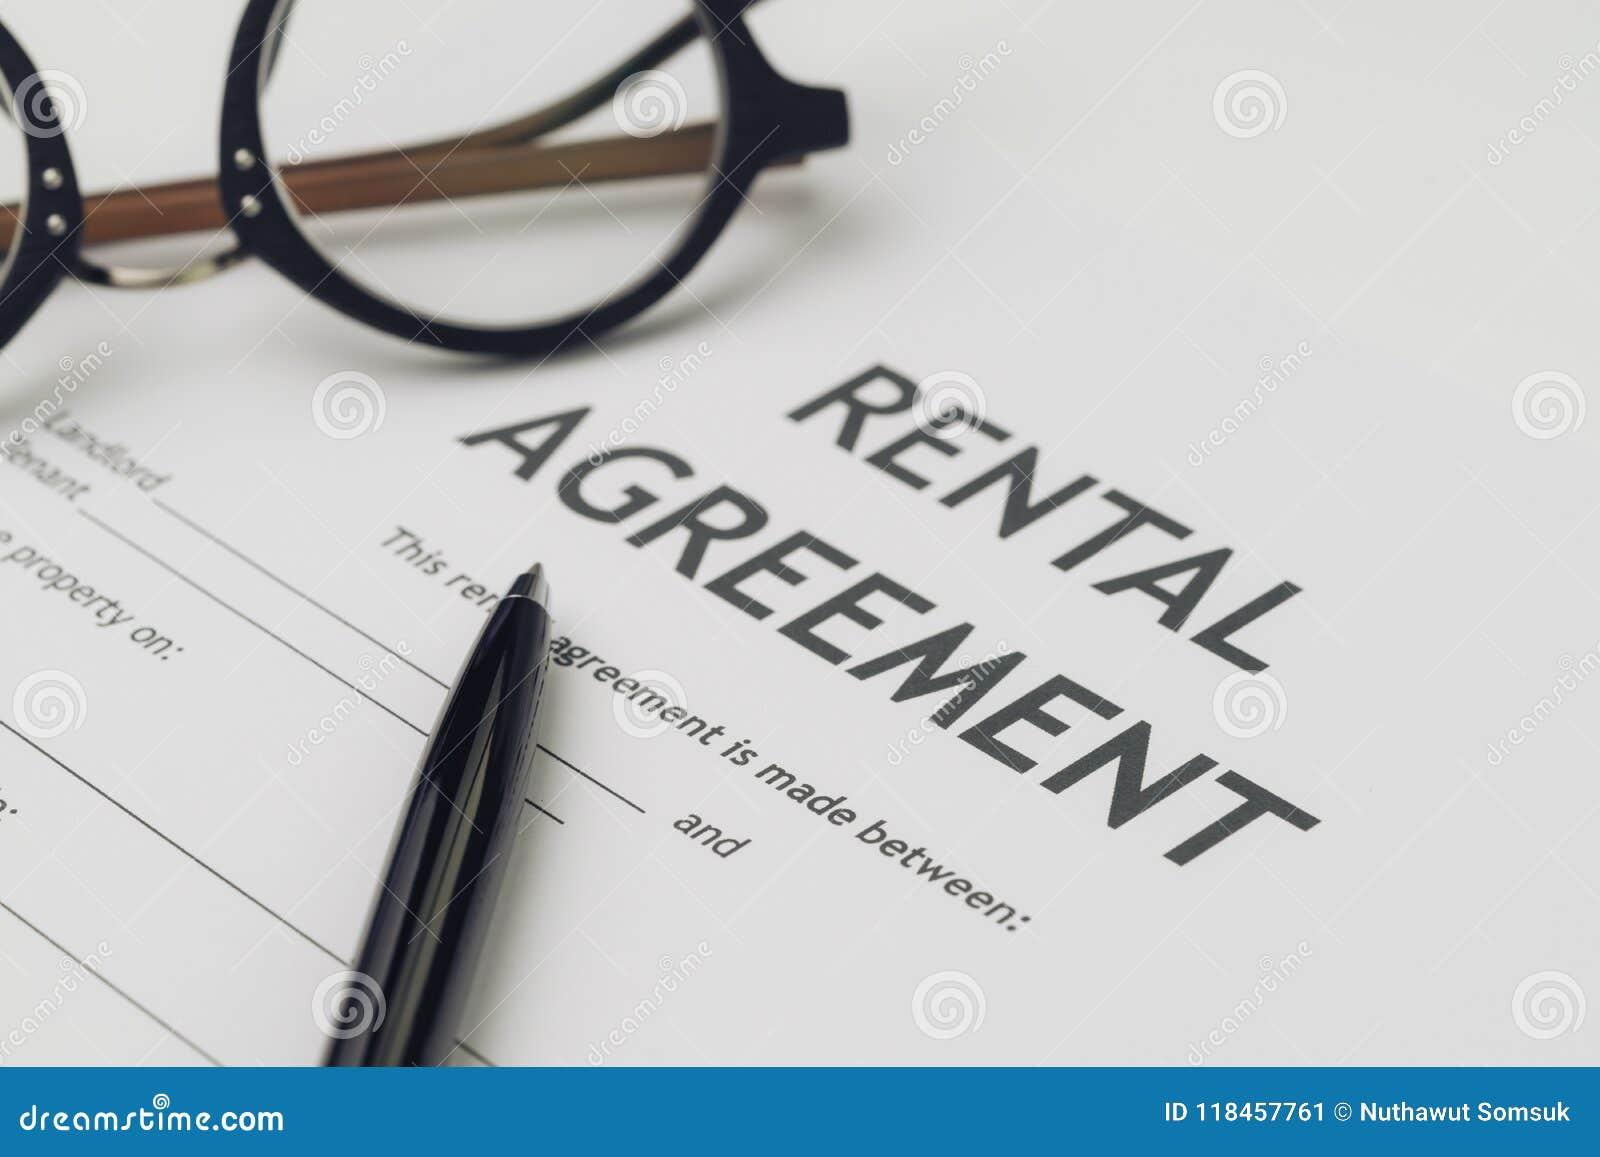 Propiedad o propiedades inmobiliarias, concepto del casa y casero, pluma y eyeglas